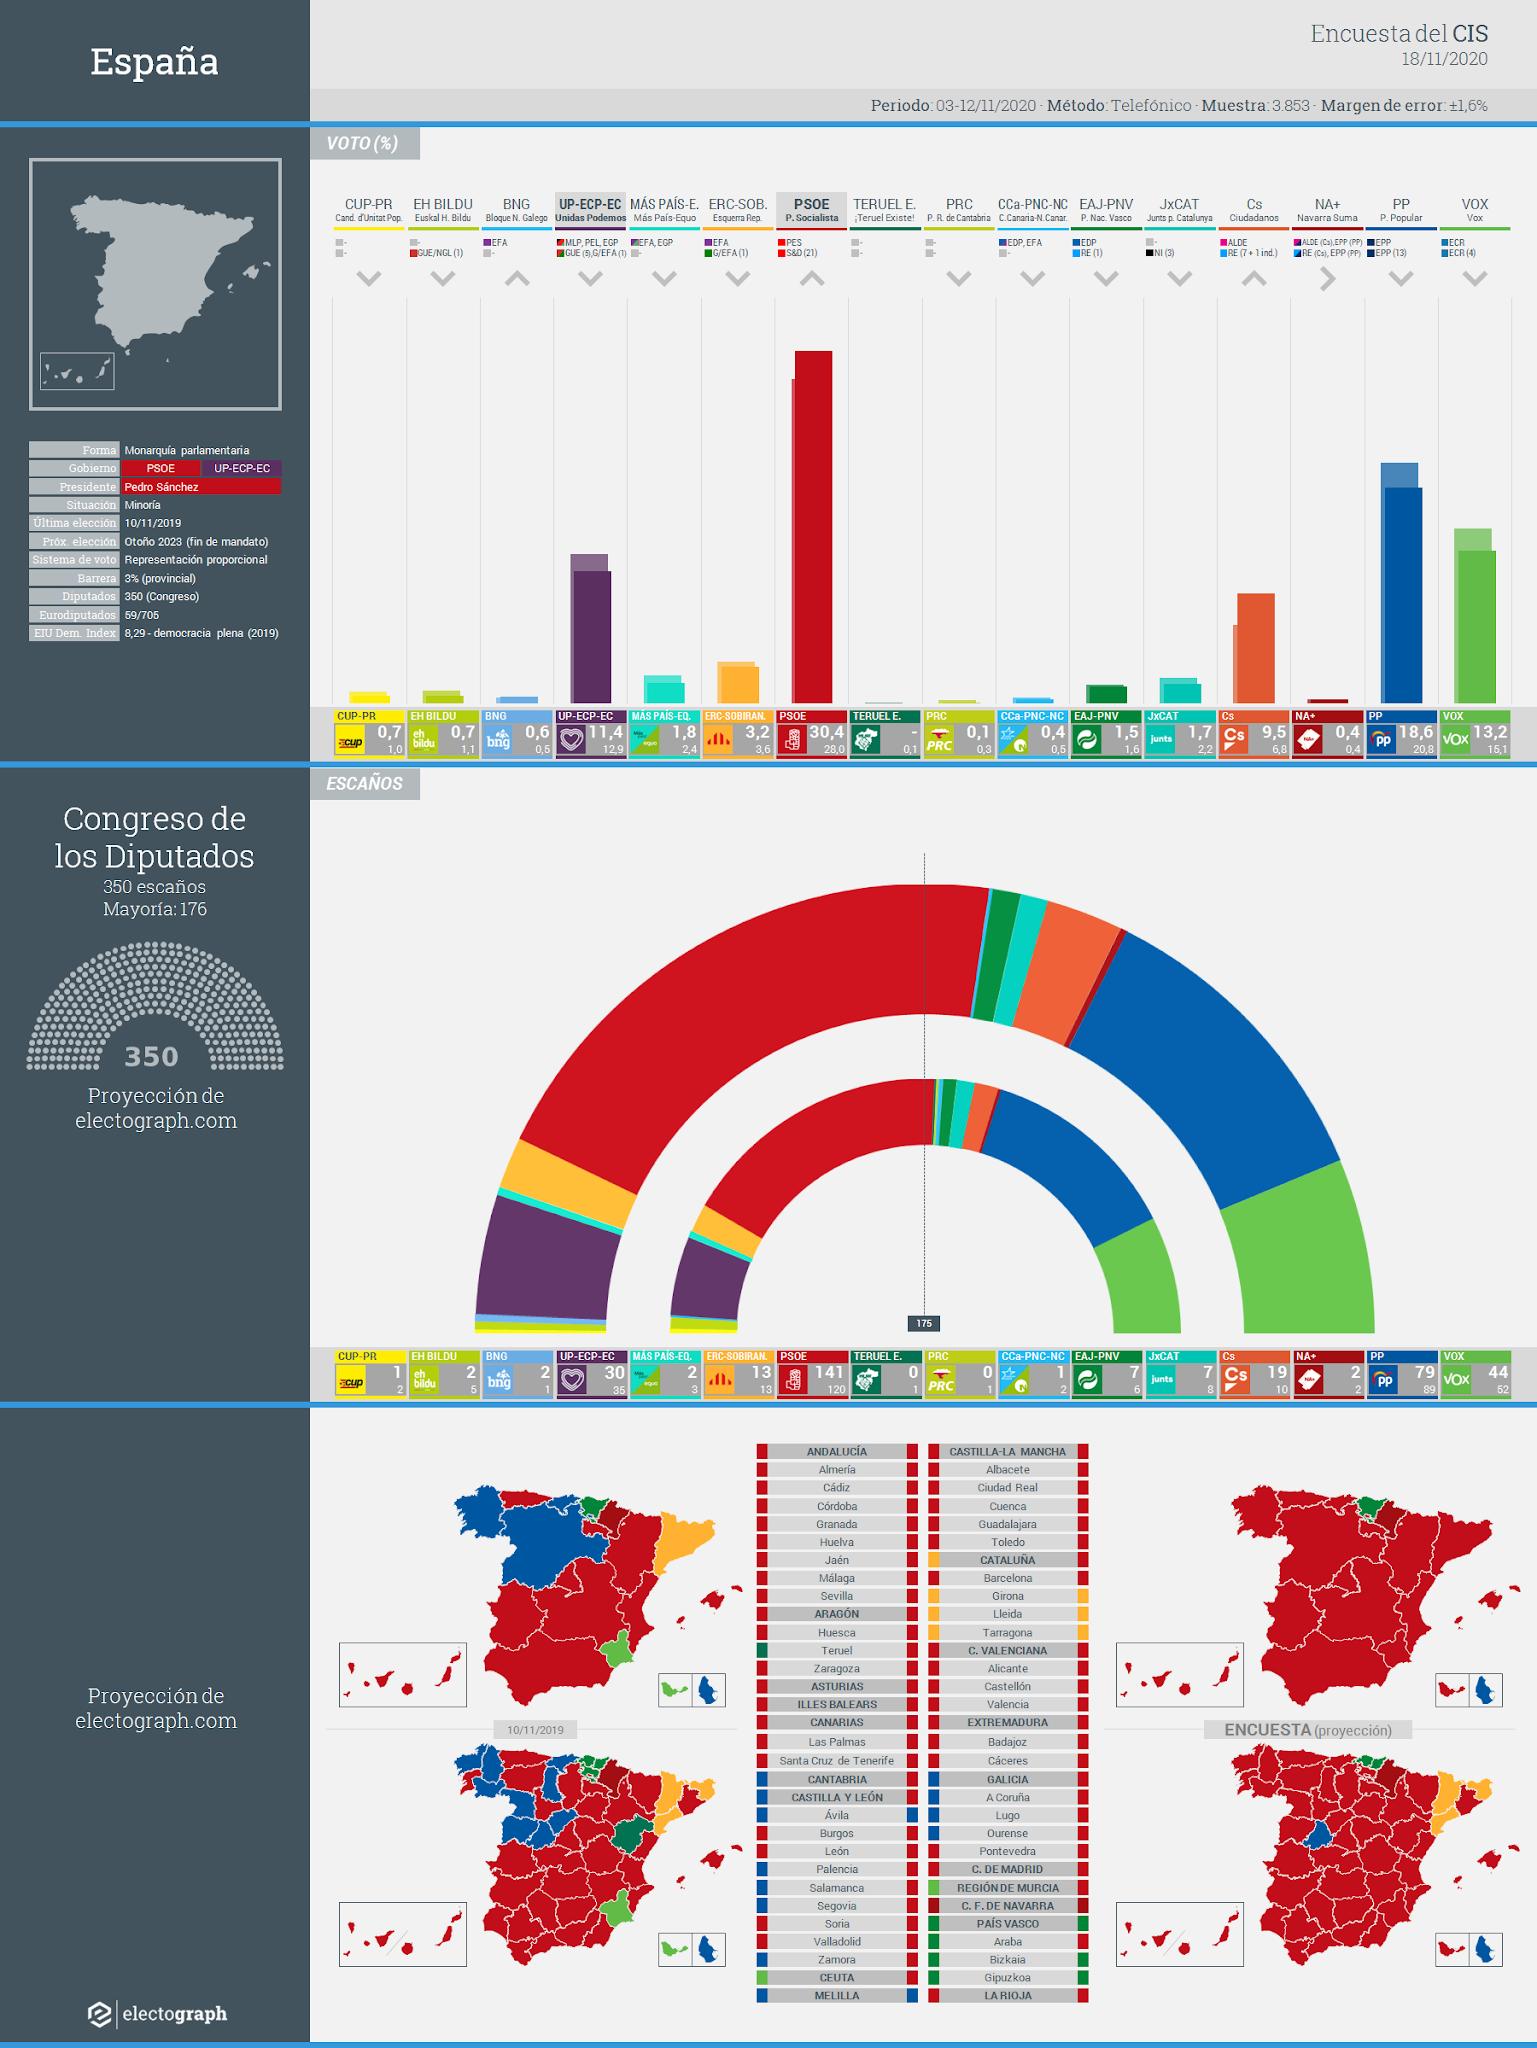 Gráfico de la encuesta para elecciones generales en España realizada por el CIS, 18 de noviembre de 2020